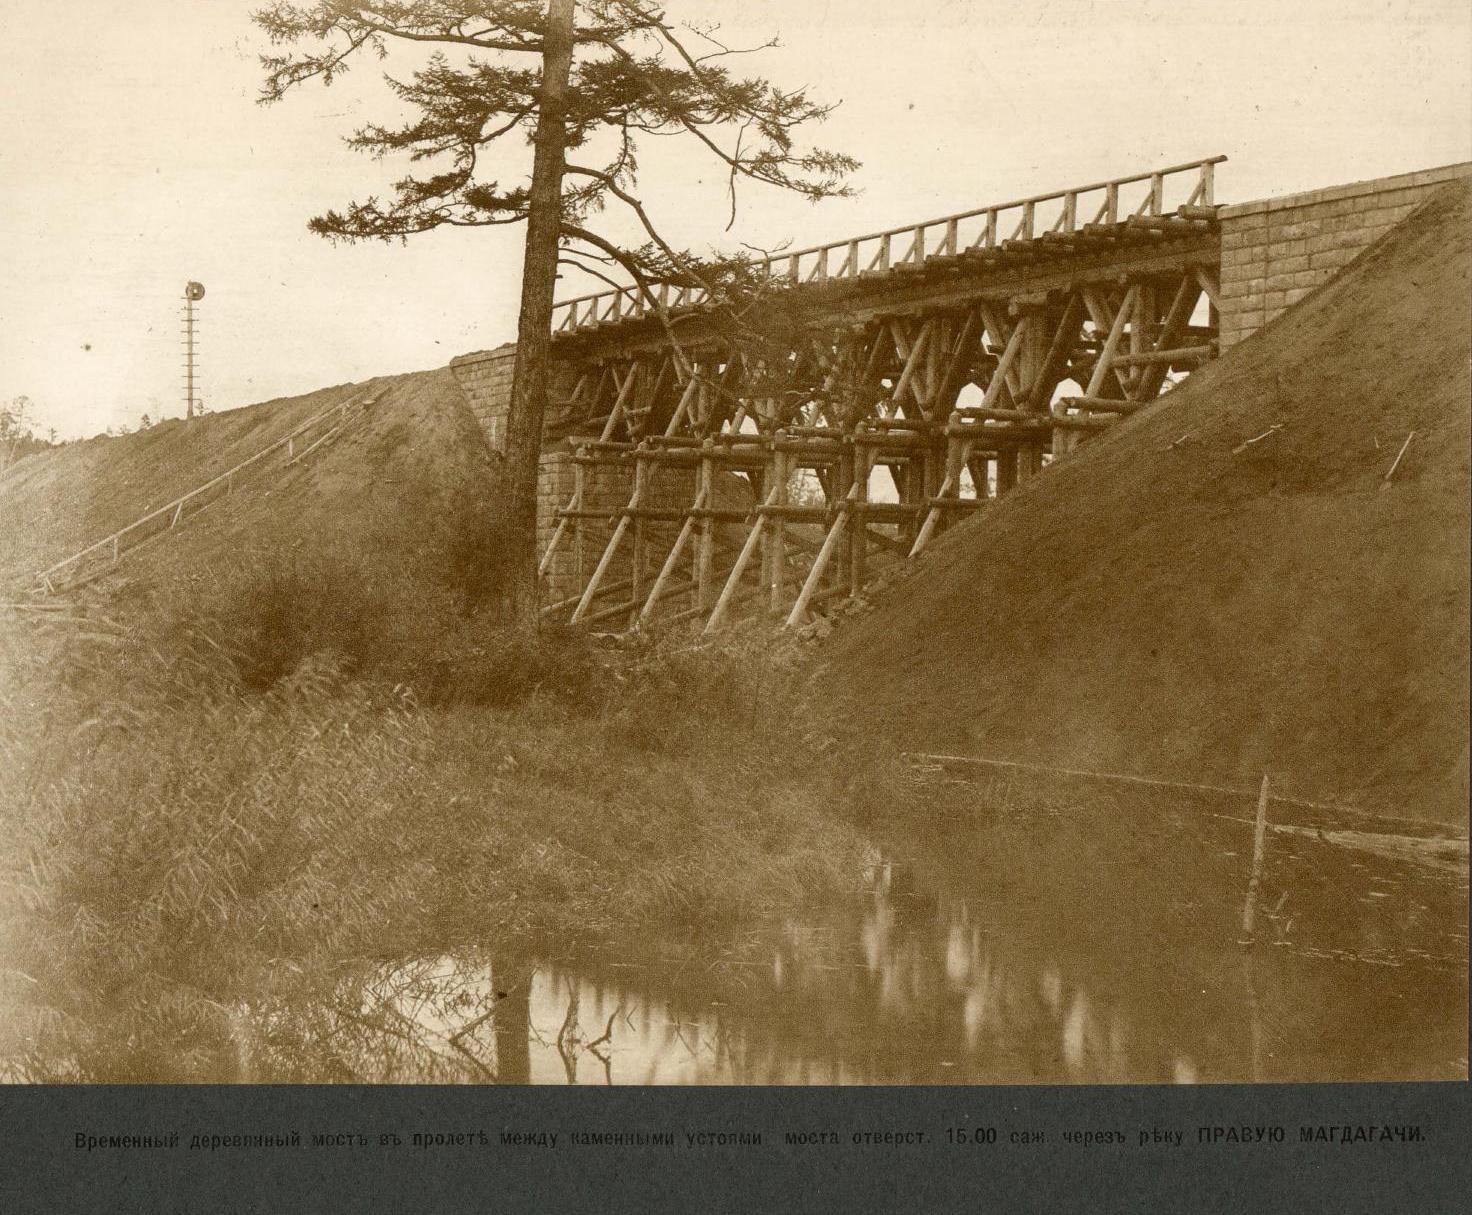 Временный деревянный мост  в пролете между каменными устоями моста отверст. 15 саж через реку Правую Магдагачи